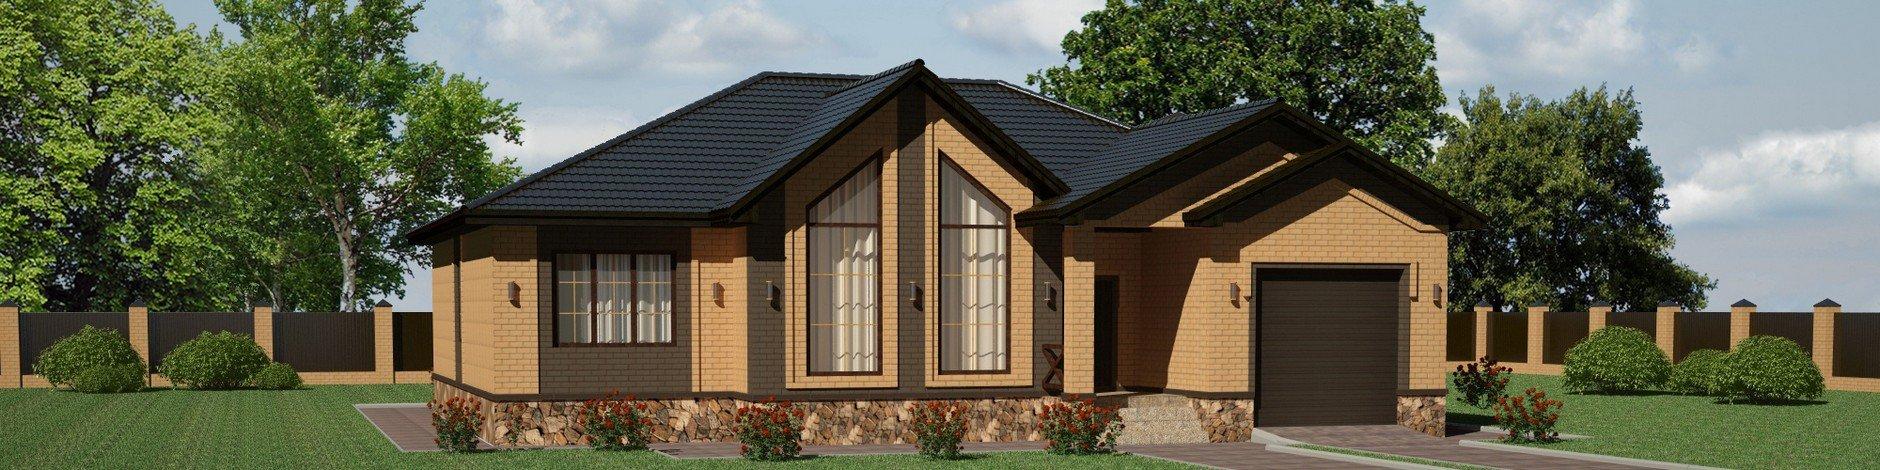 9 объявлений - Купить дом, коттедж в Ивановском районе